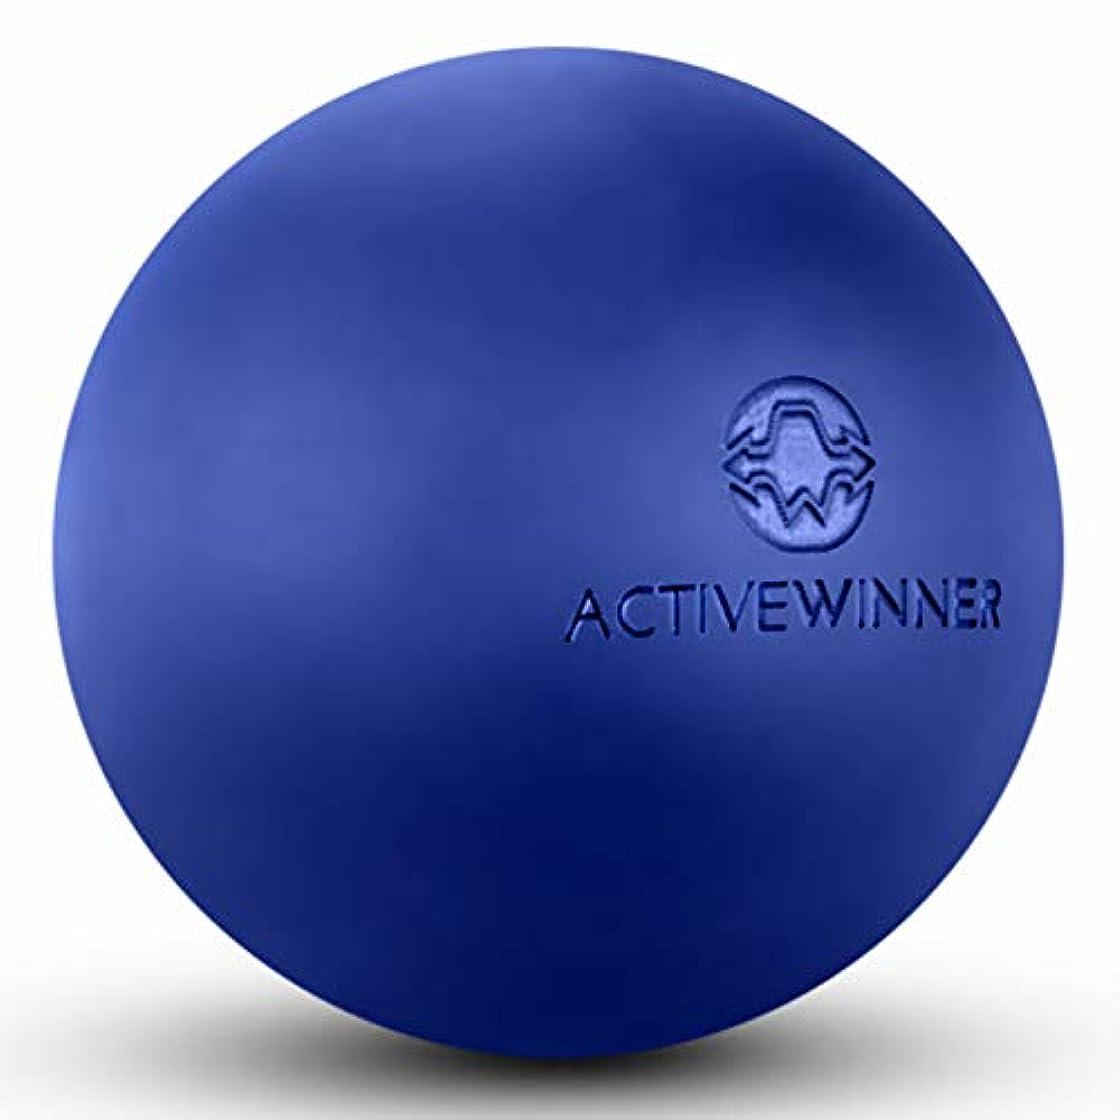 下位で出来ている同様にActive Winner マッサージボール トリガーポイント (ネイビー) ストレッチボール 筋膜リリース トレーニング 背中 肩こり 腰 ふくらはぎ 足 ツボ押し